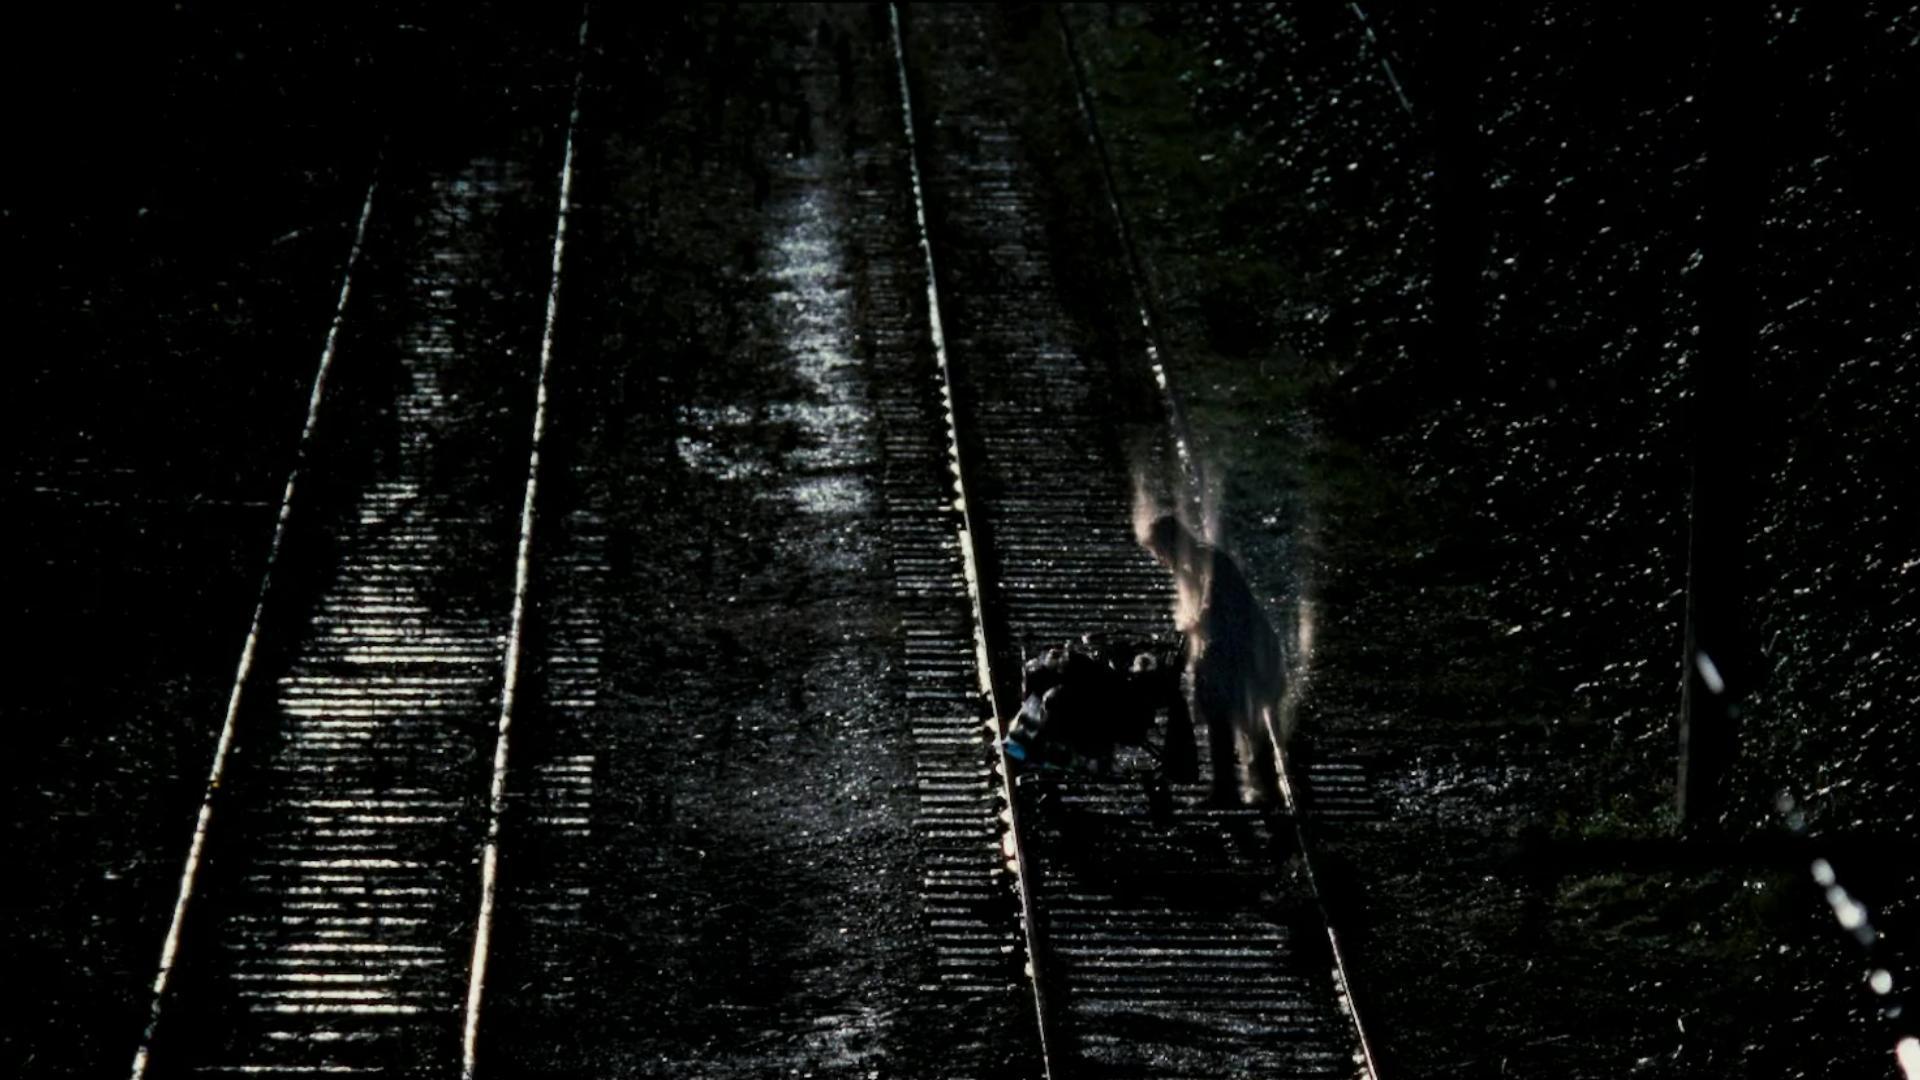 Regarder La Voix des morts 2 : La Lumière en streaming gratuit